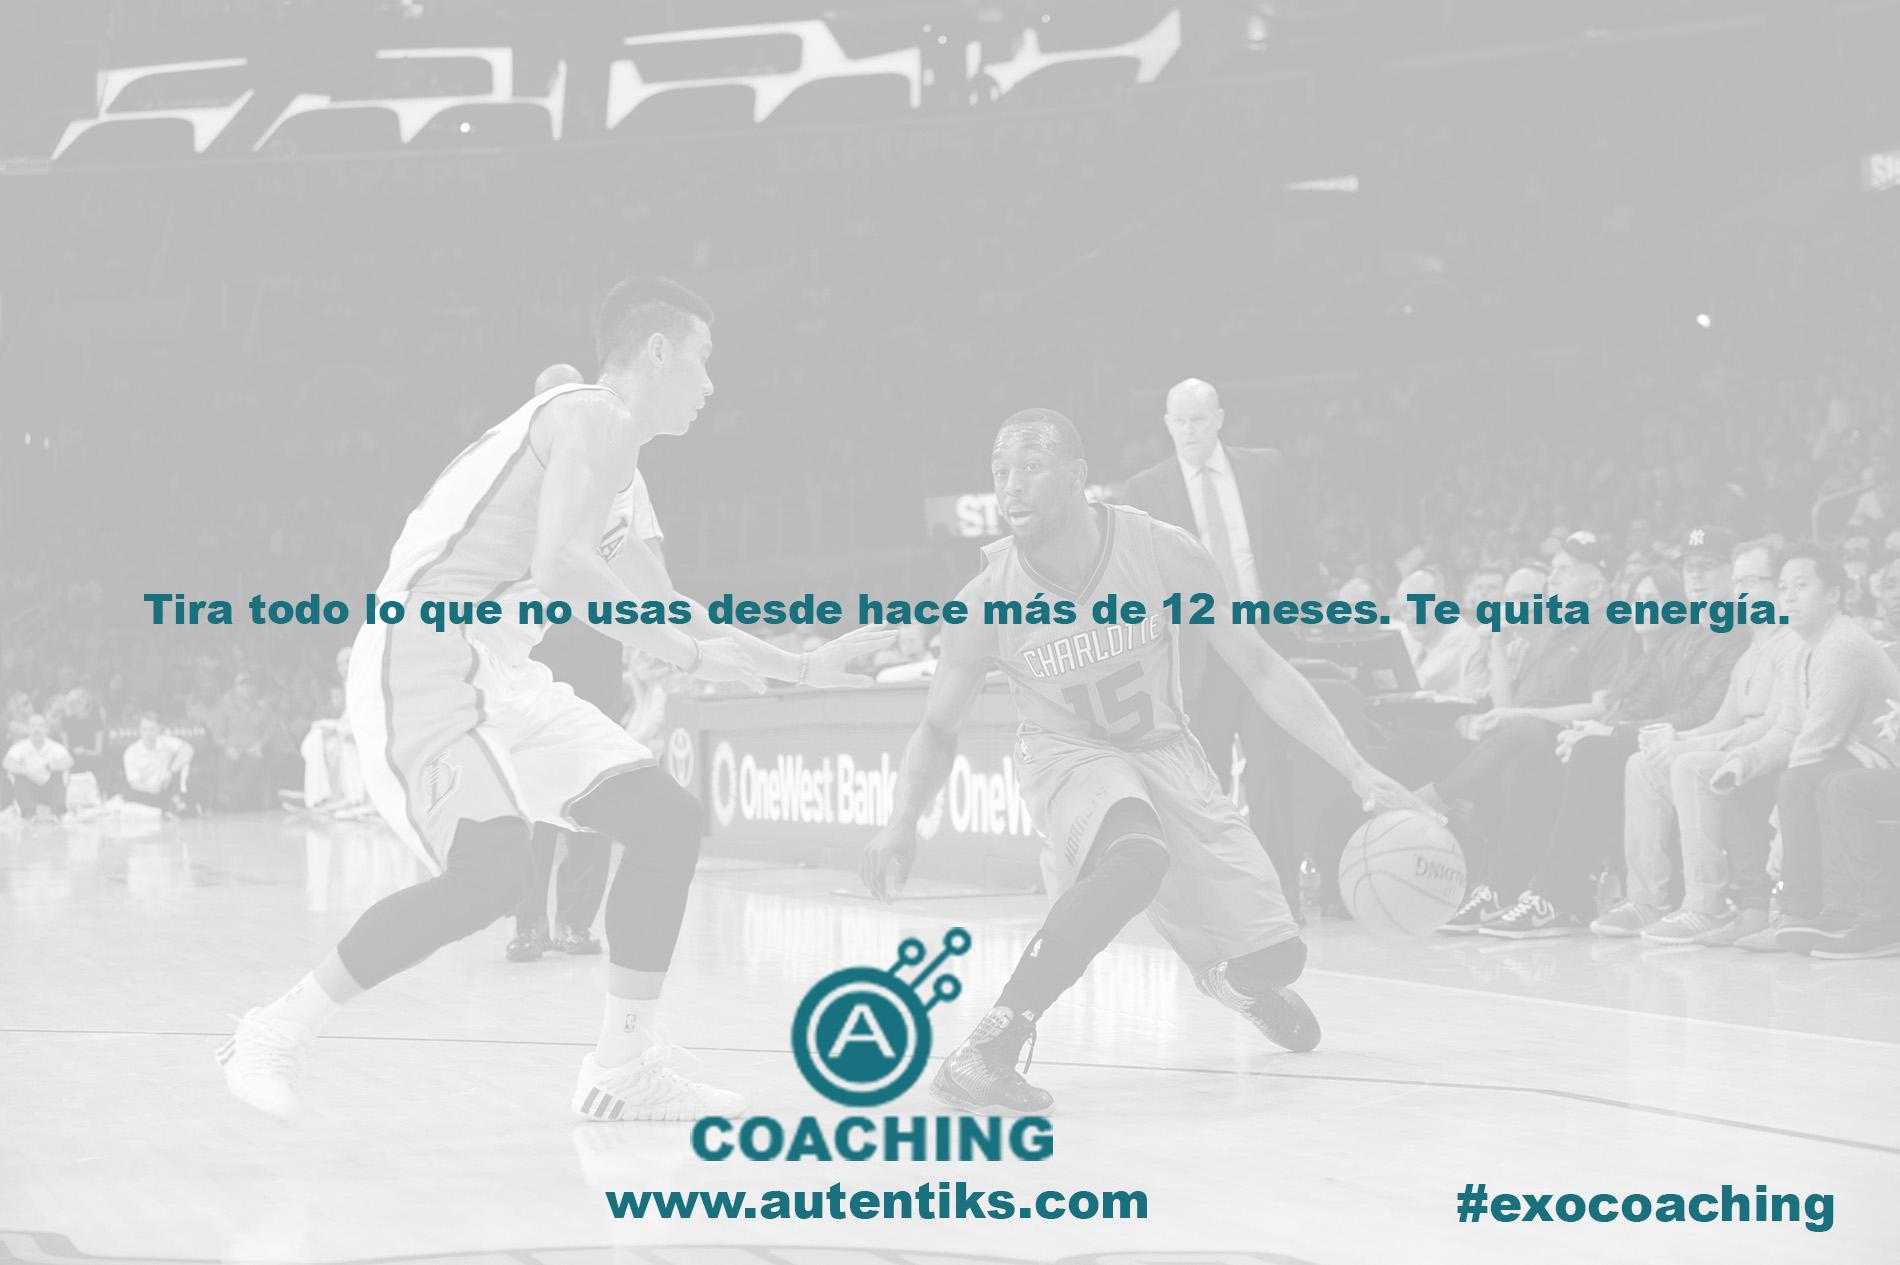 Semana 15 – Ejercicio de Coaching